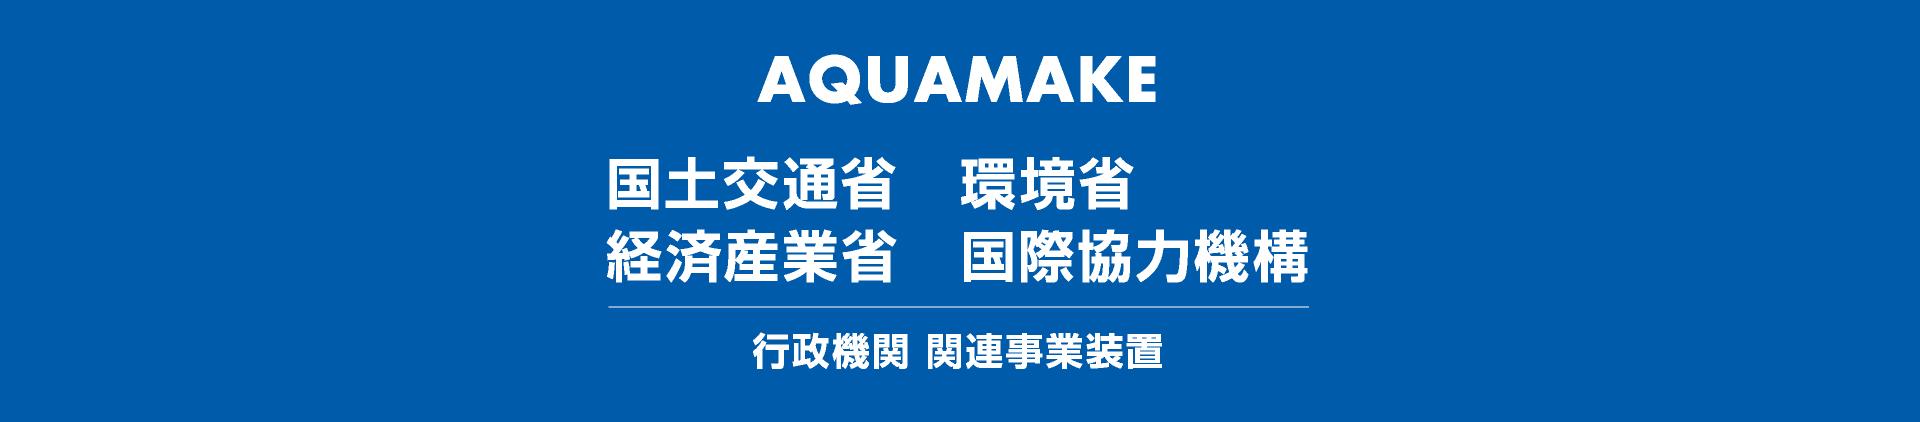 AQUAMAKE 行政機関 関連事業装置